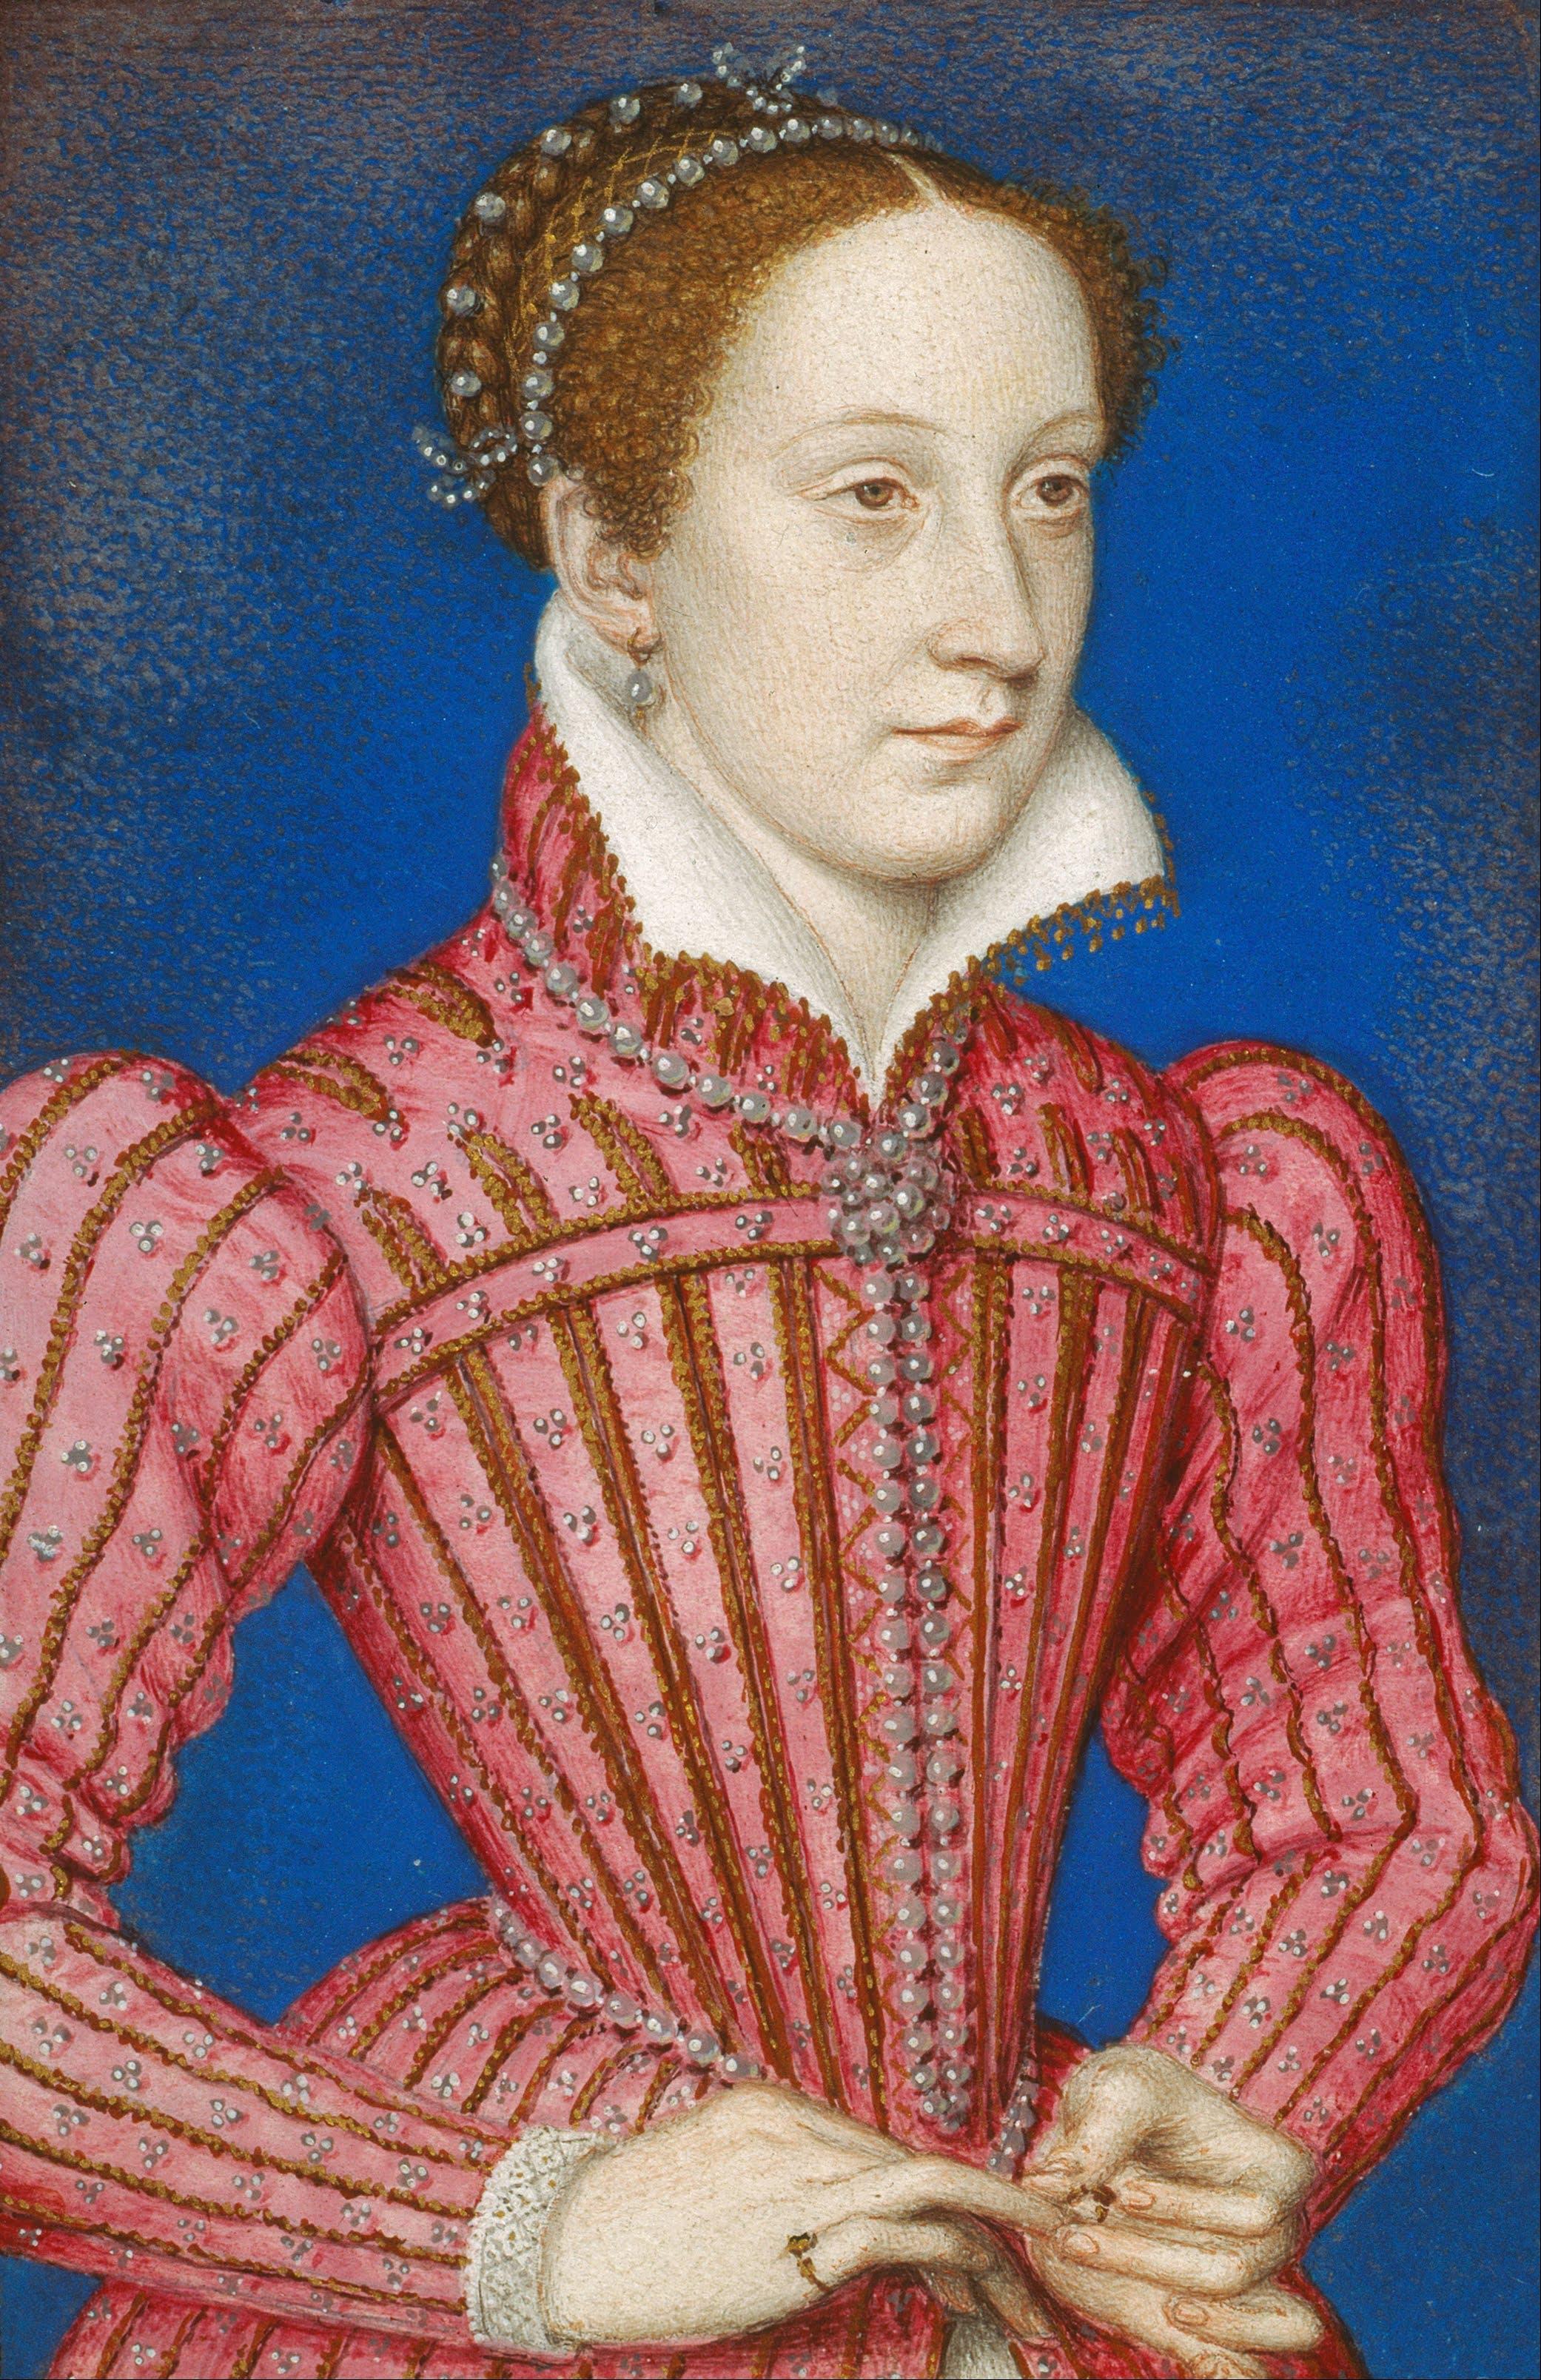 رسم تخيلي لماري ستيوارت ملكة إسكتلندا